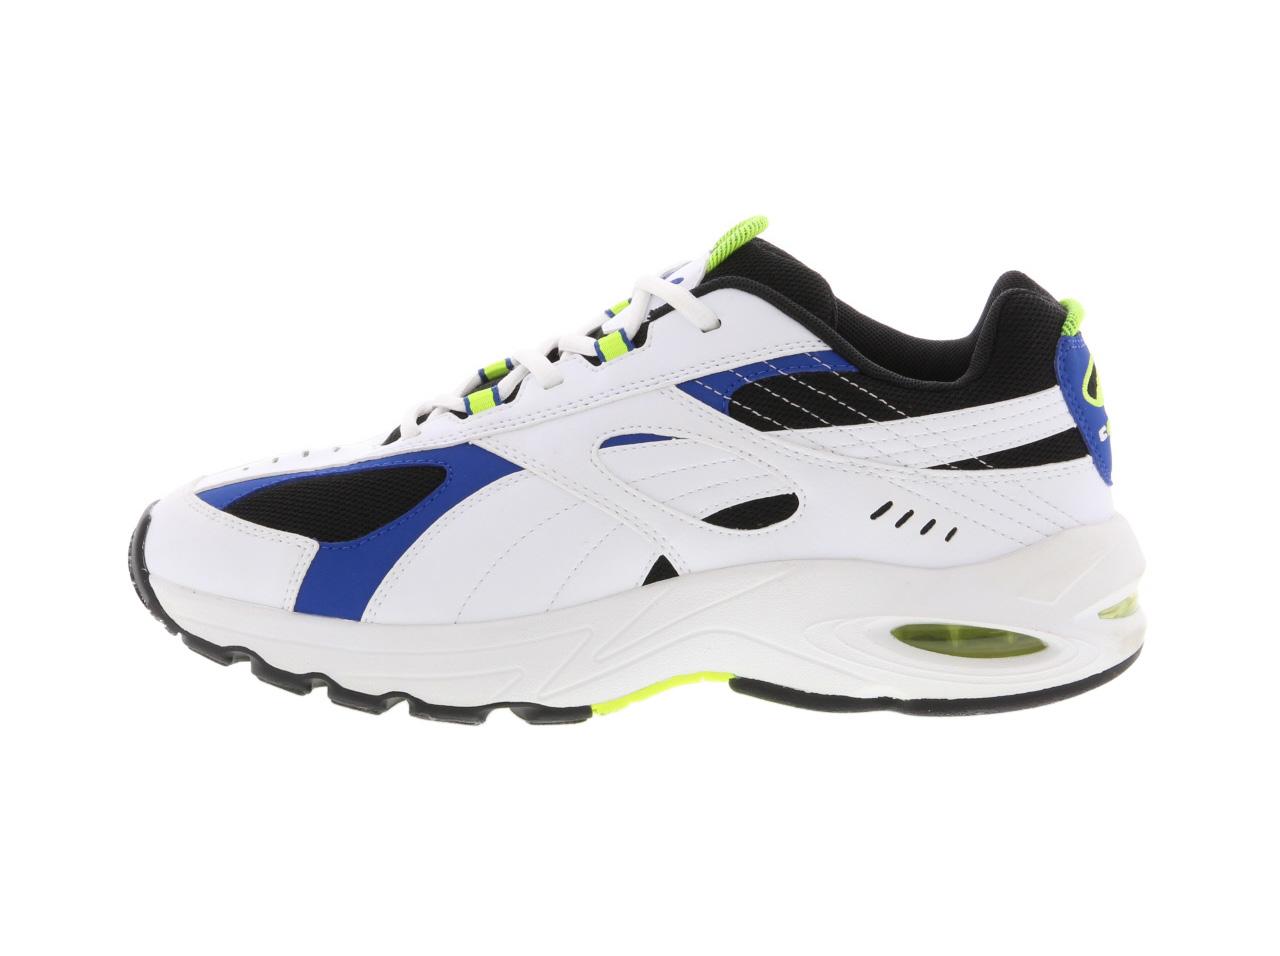 PUMA CELL SPEED(370700-02)【プーマ】【メンズファッション】【シューズ】【スニーカー】【靴】【フットウェア】【ストアレビュー記載でソックスプレゼント対象品】